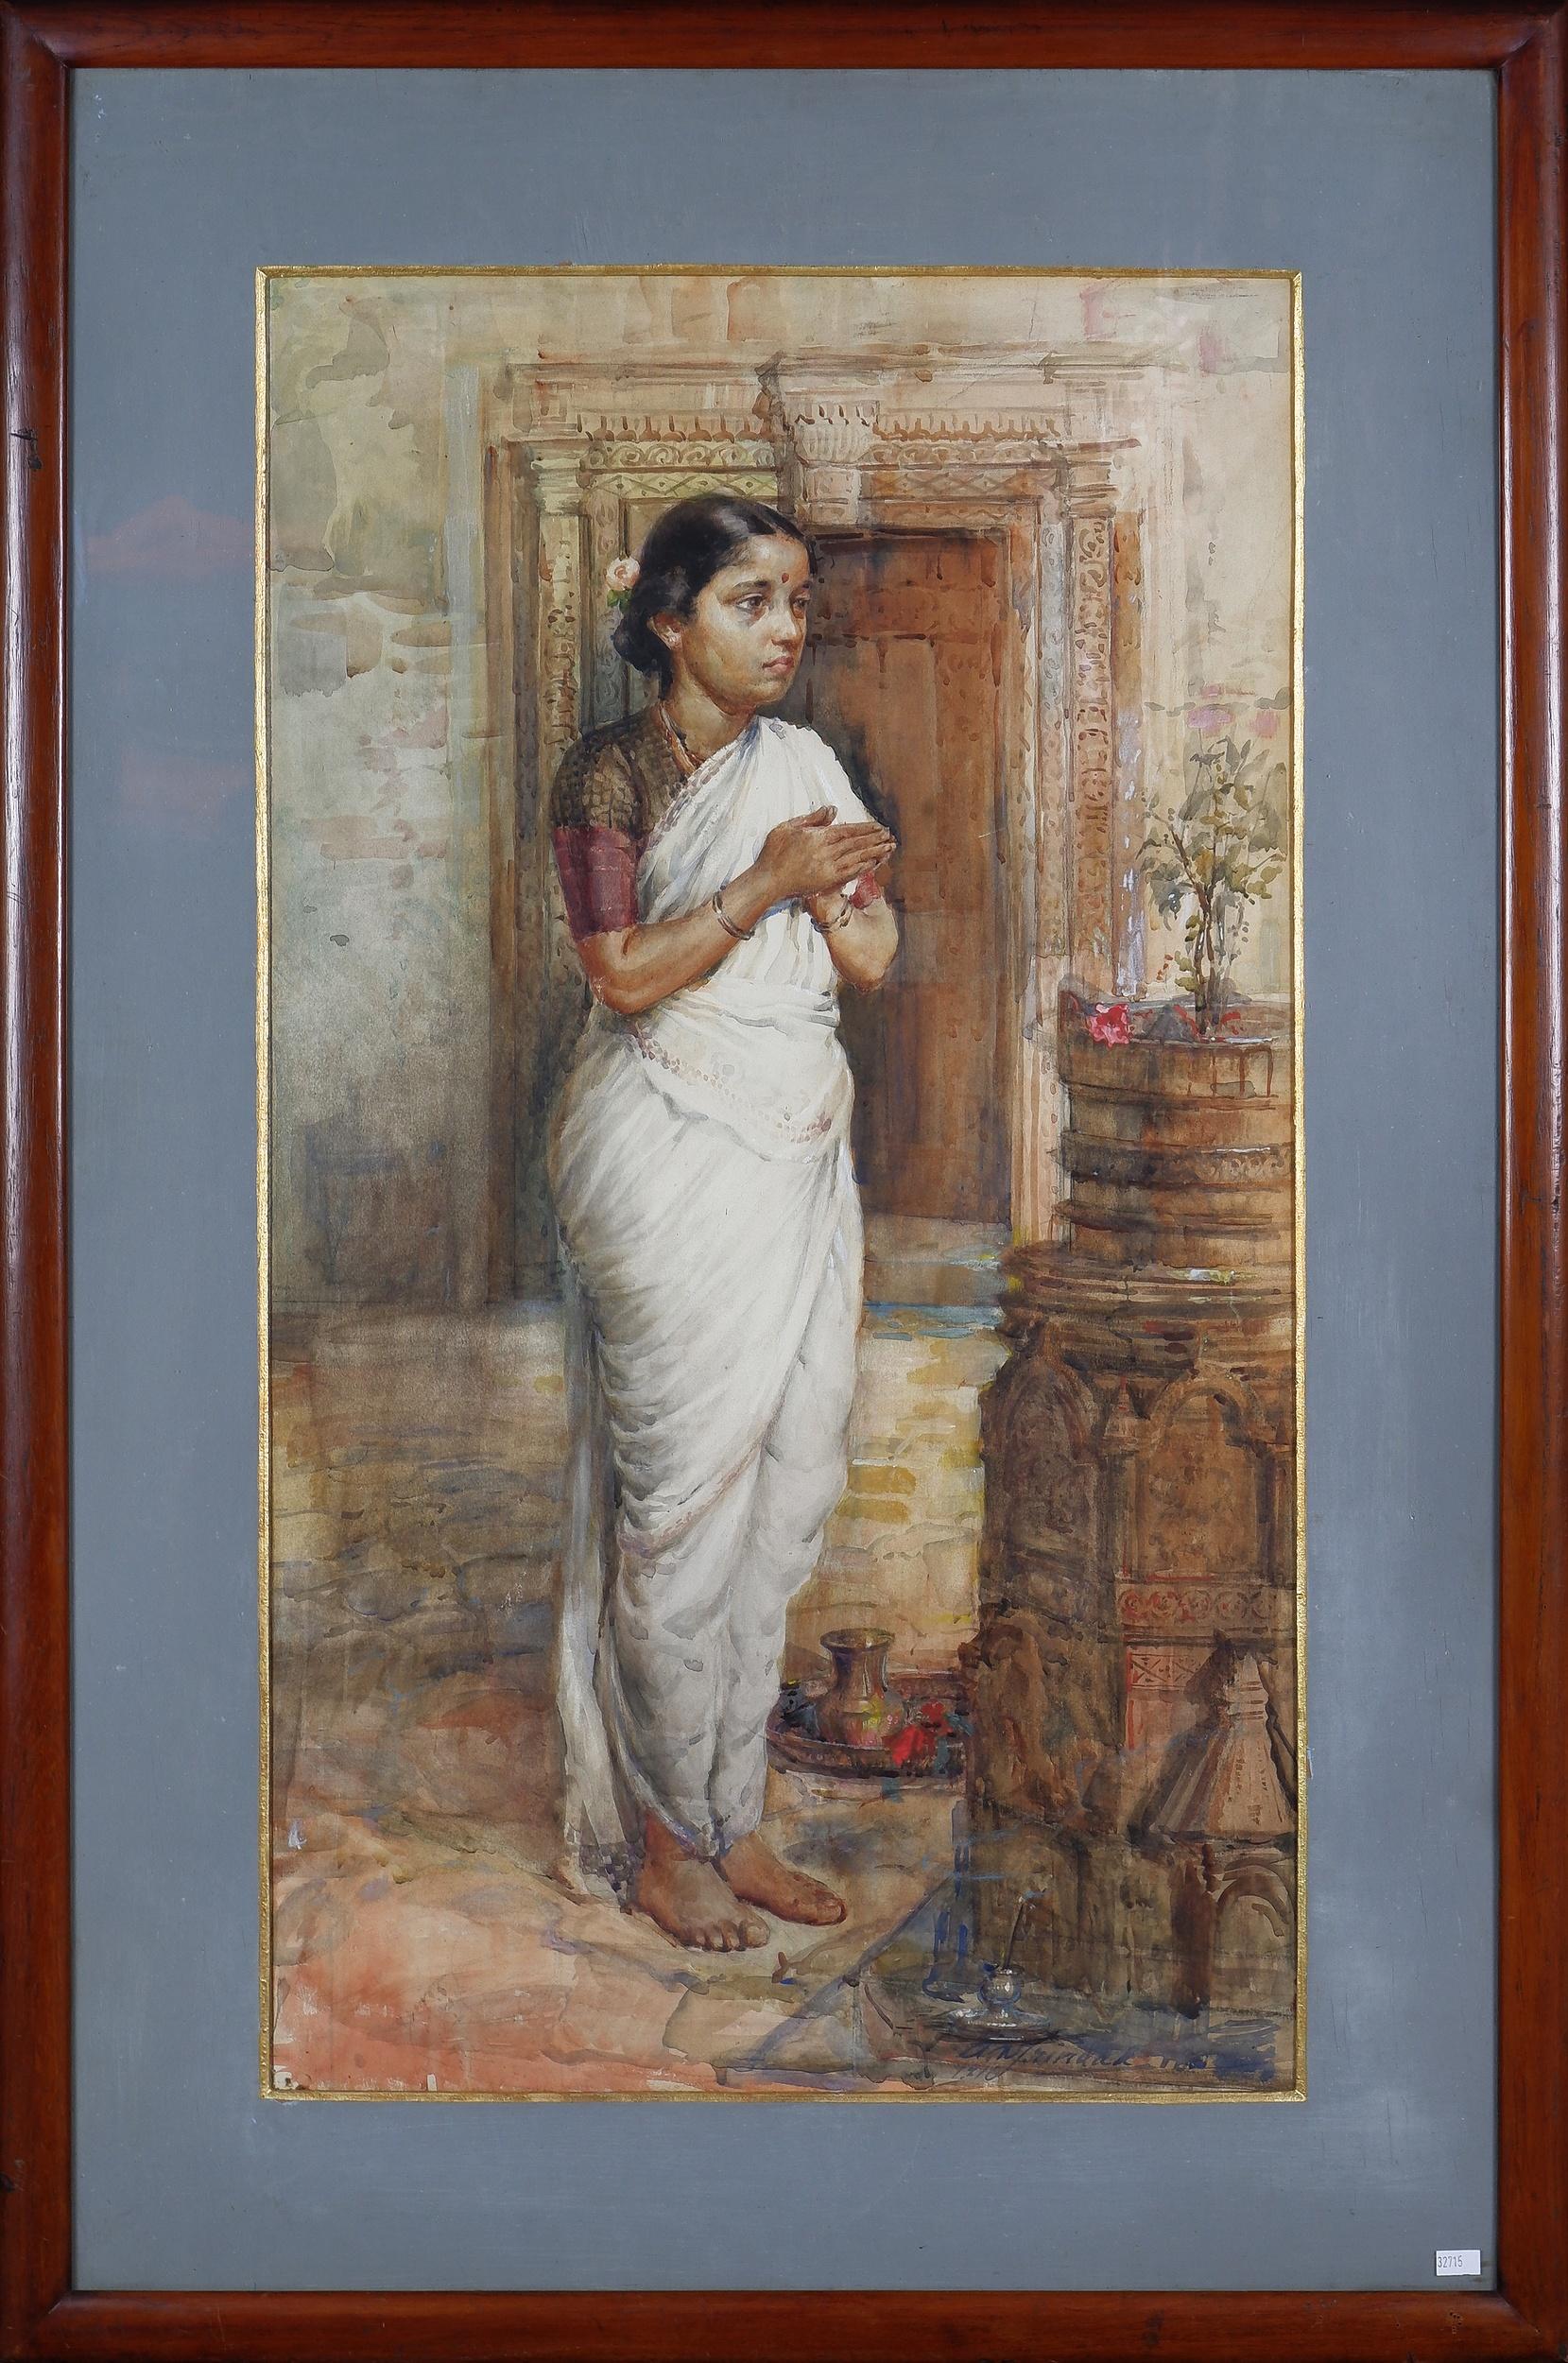 'Antonio Xavier Trindade (India 1870-1935) Hindu Bride 1916, Watercolour'